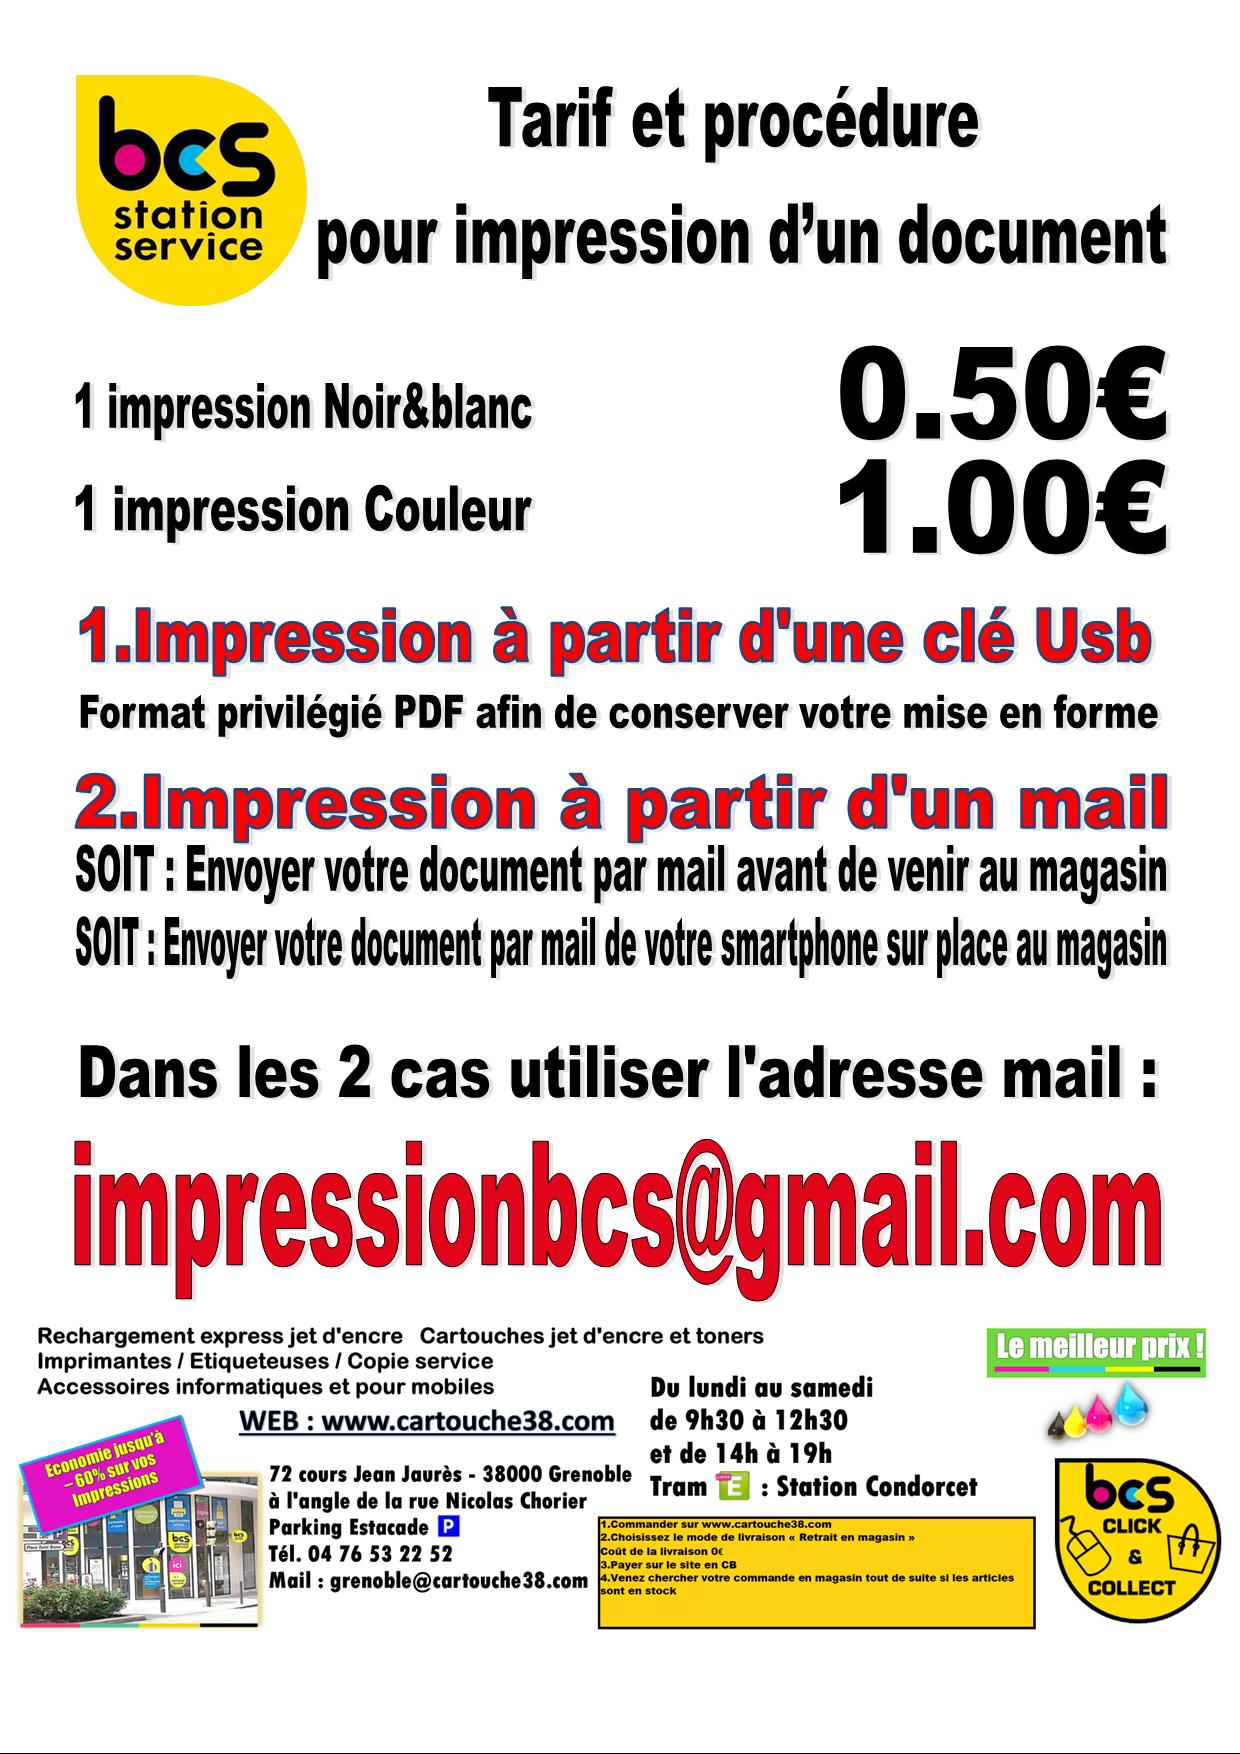 Tarif et procedure impression BCS 2021 0.50€ lundisamedi